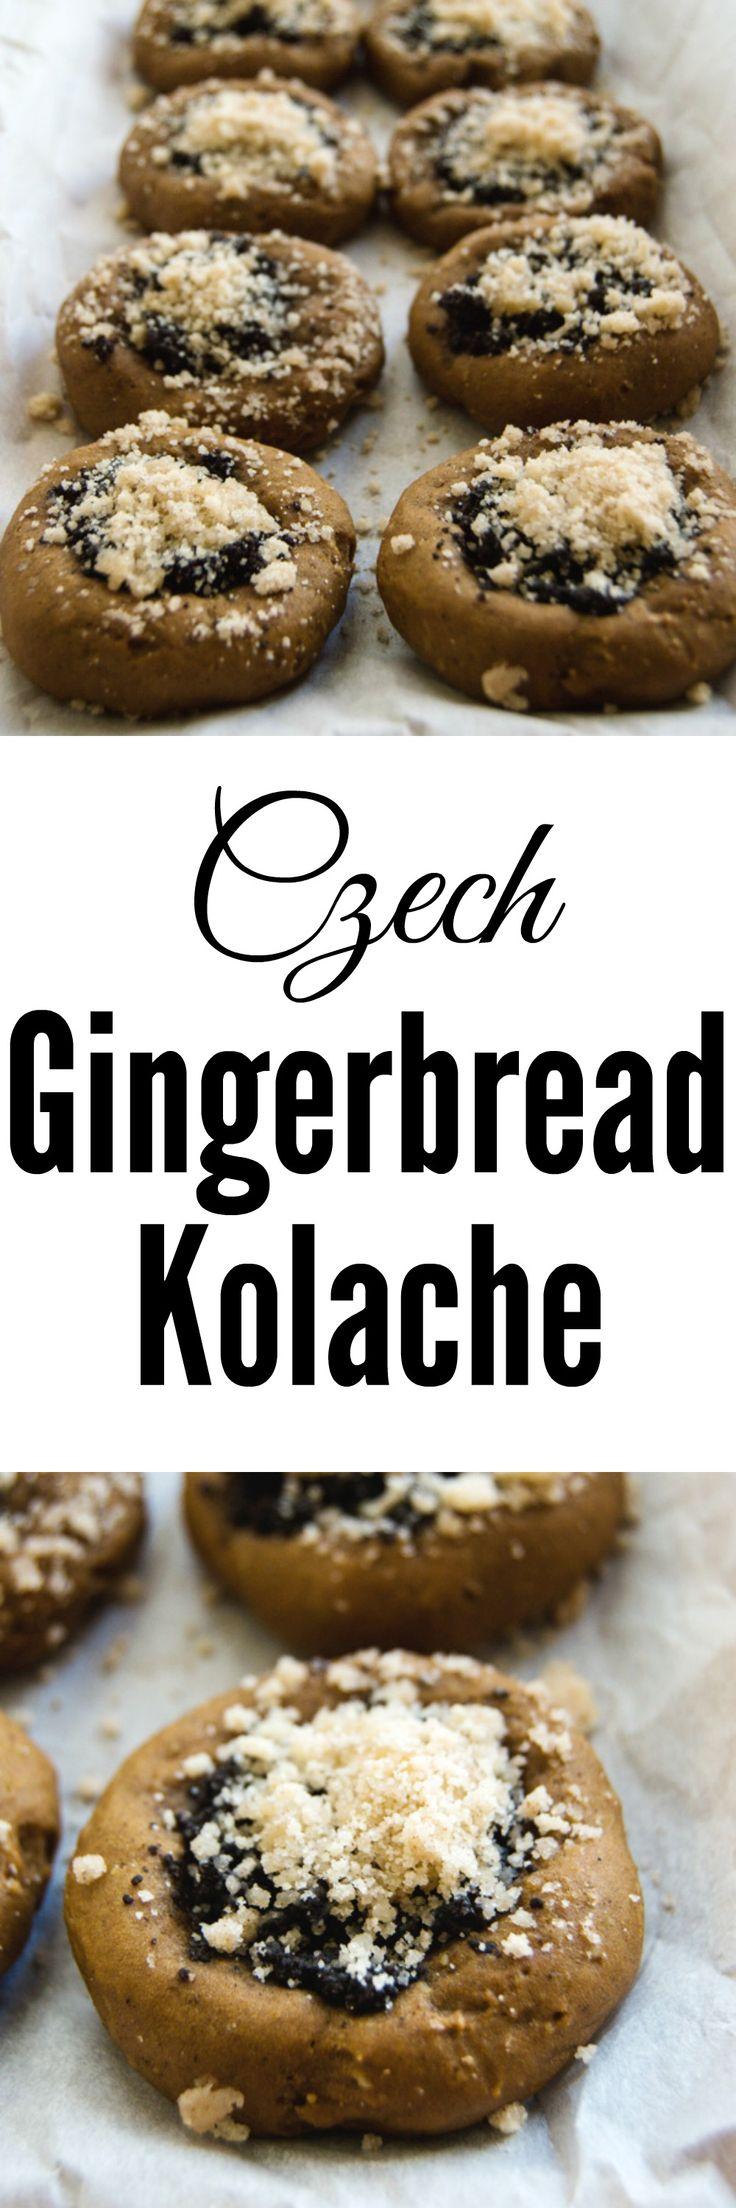 170 best czech images on Pinterest | Czech recipes, Dessert recipes ...